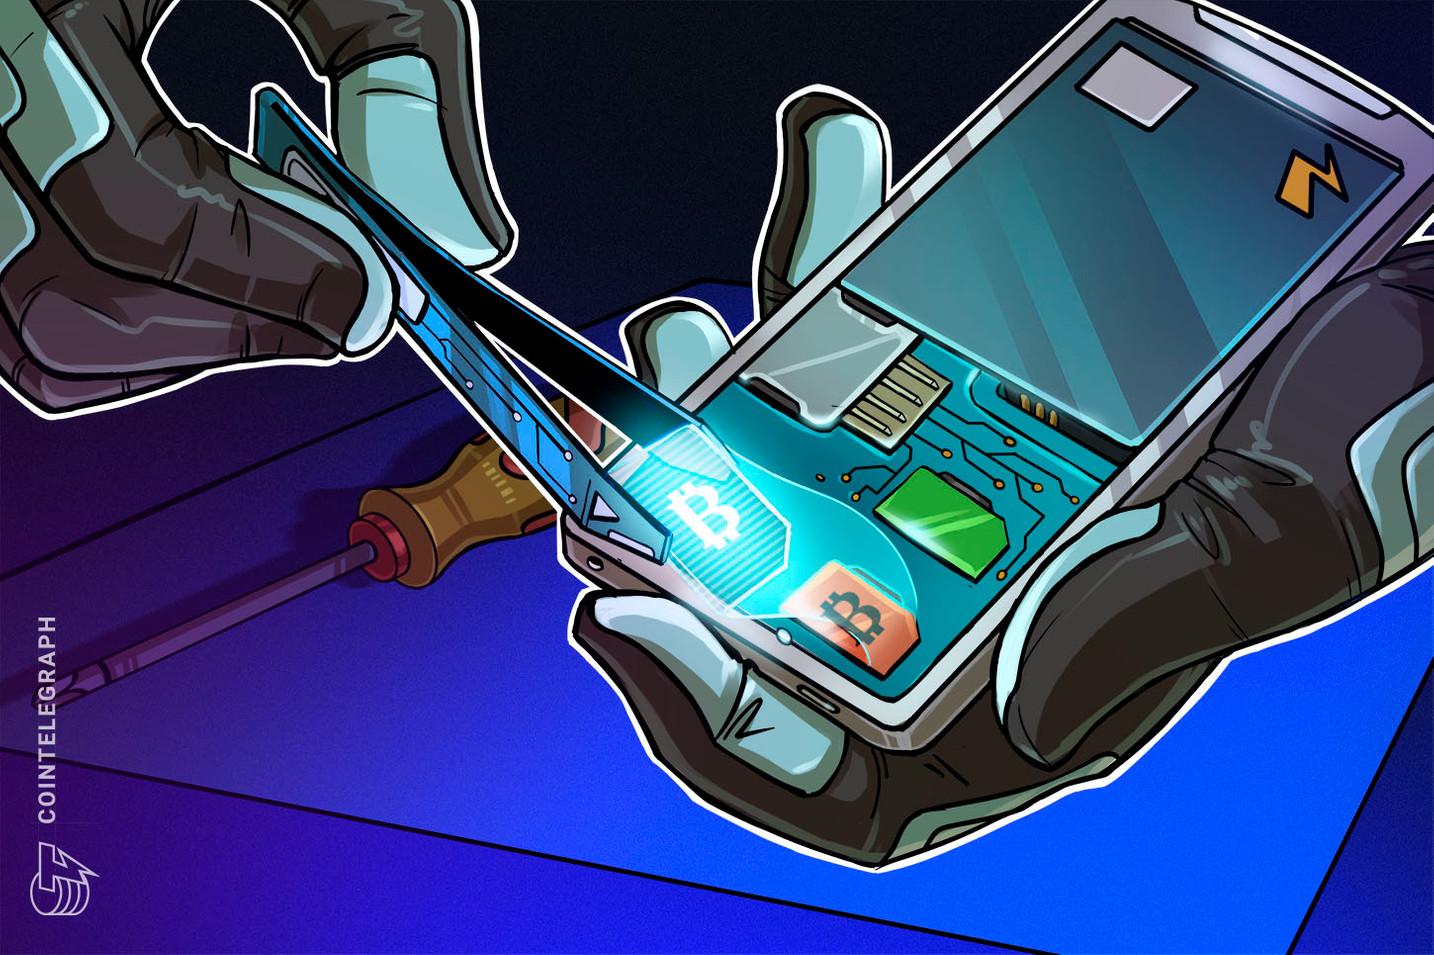 SIMスワップでビットコイン盗難被害、セキュリティ不備で仮想通貨取引所ビットトレックスが訴えられる【ニュース】